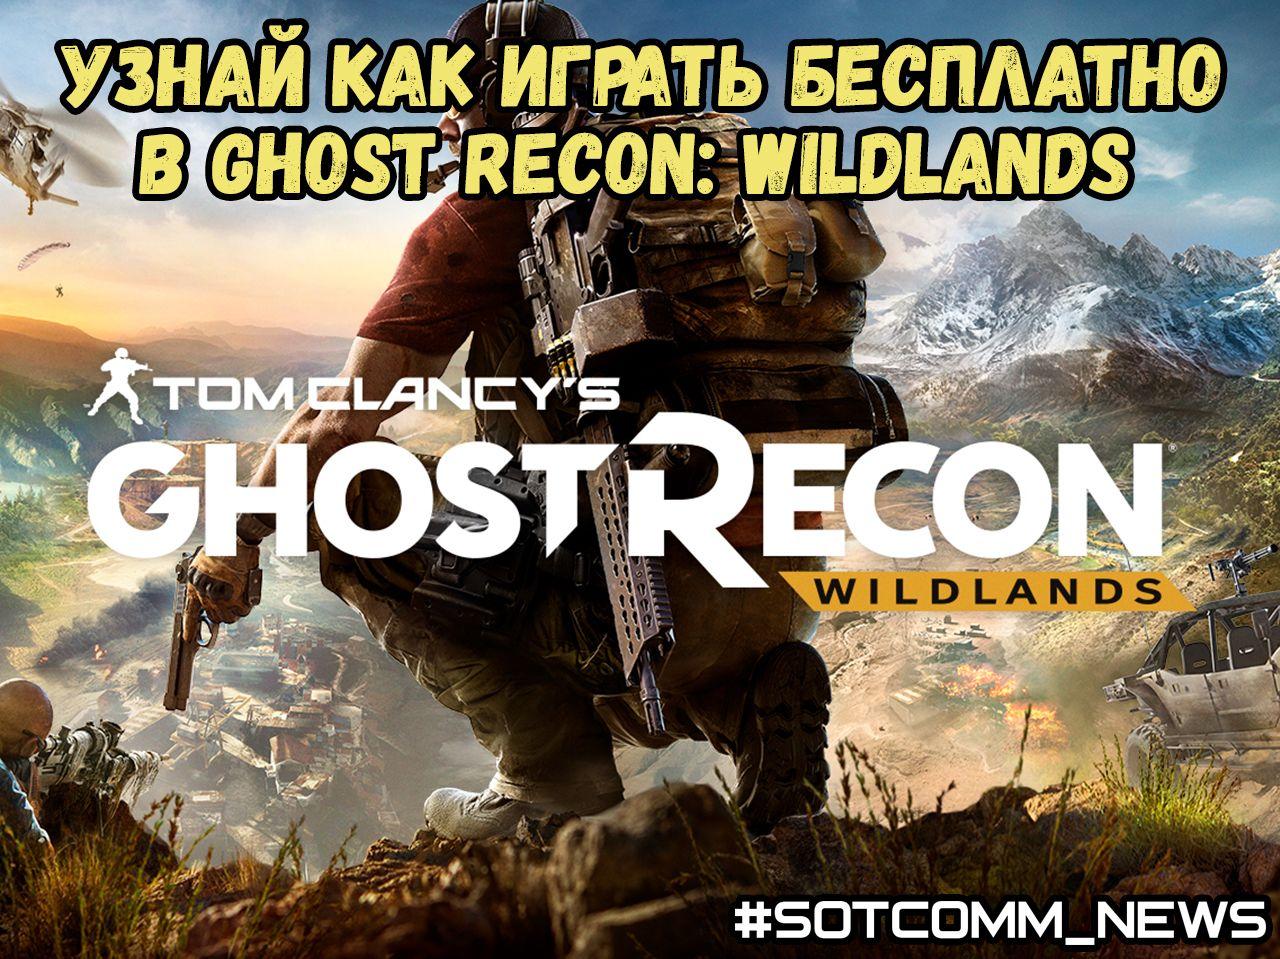 Любой желающий сможет бесплатно играть в игру Ghost Recon: Wildlands